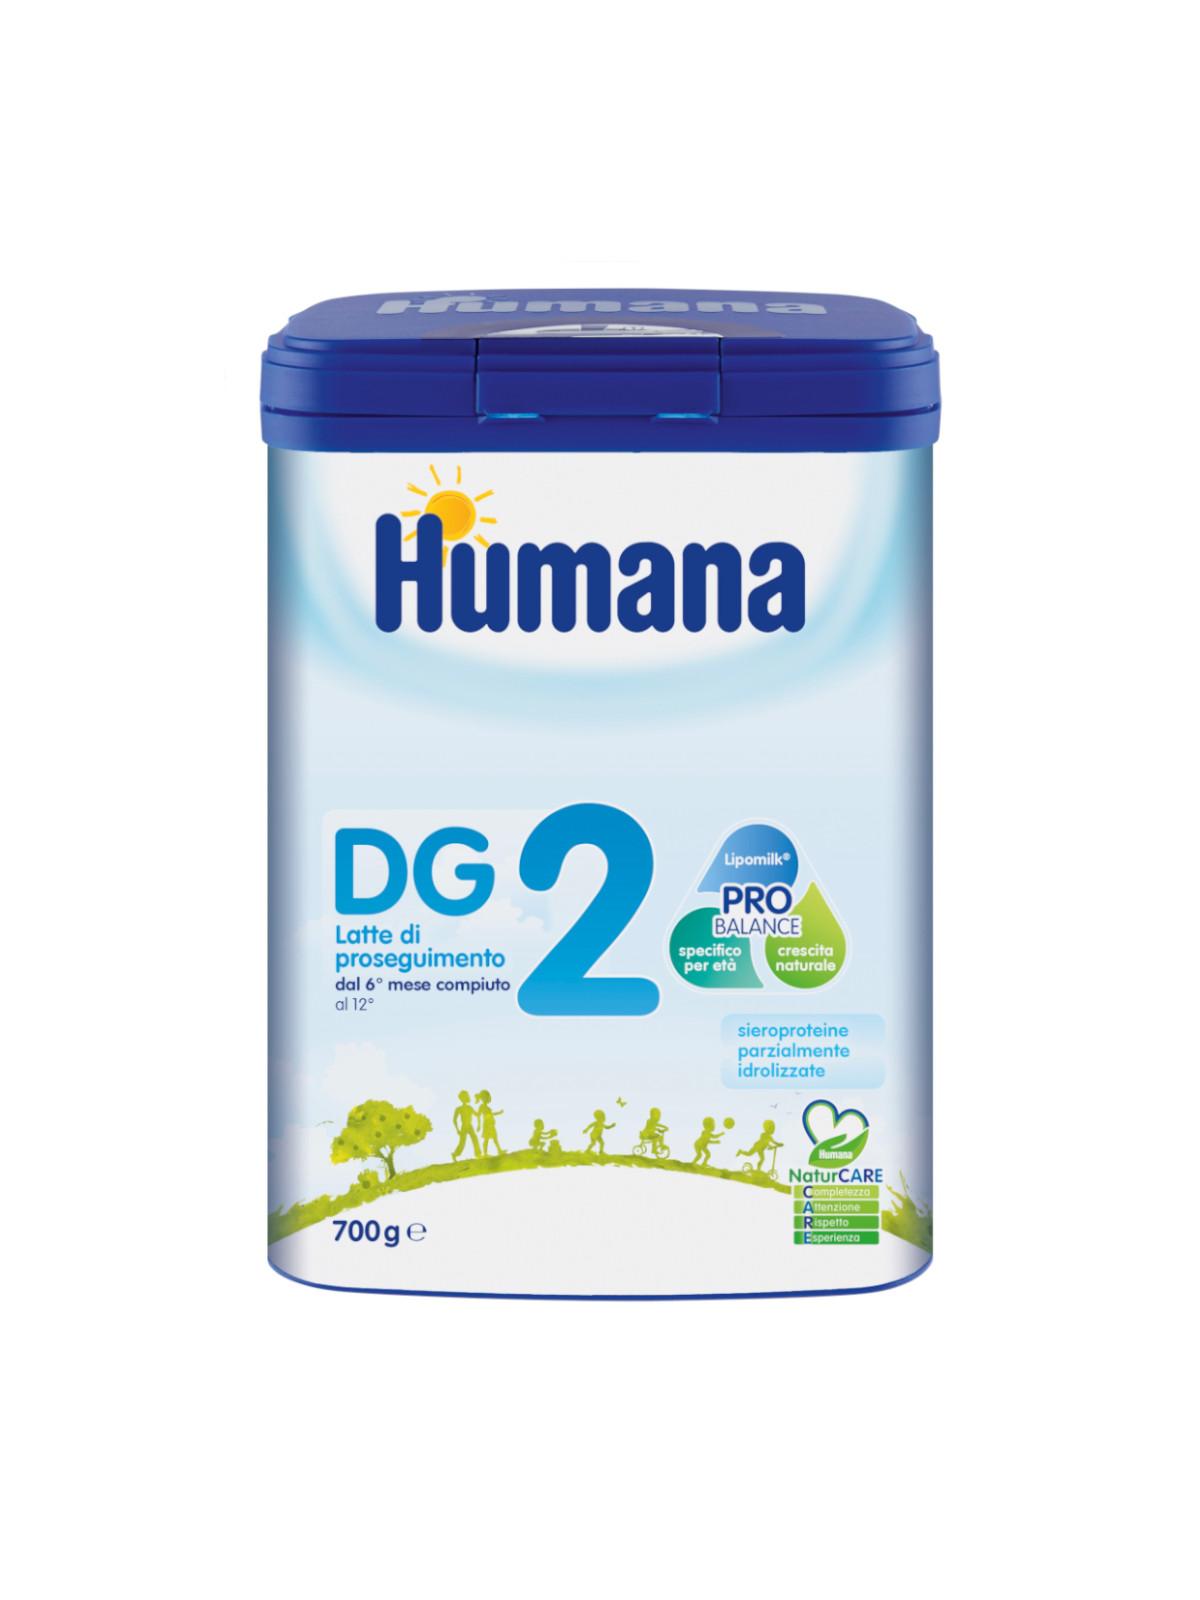 Humana dg 2 probalance polvere 700 gr - Humana